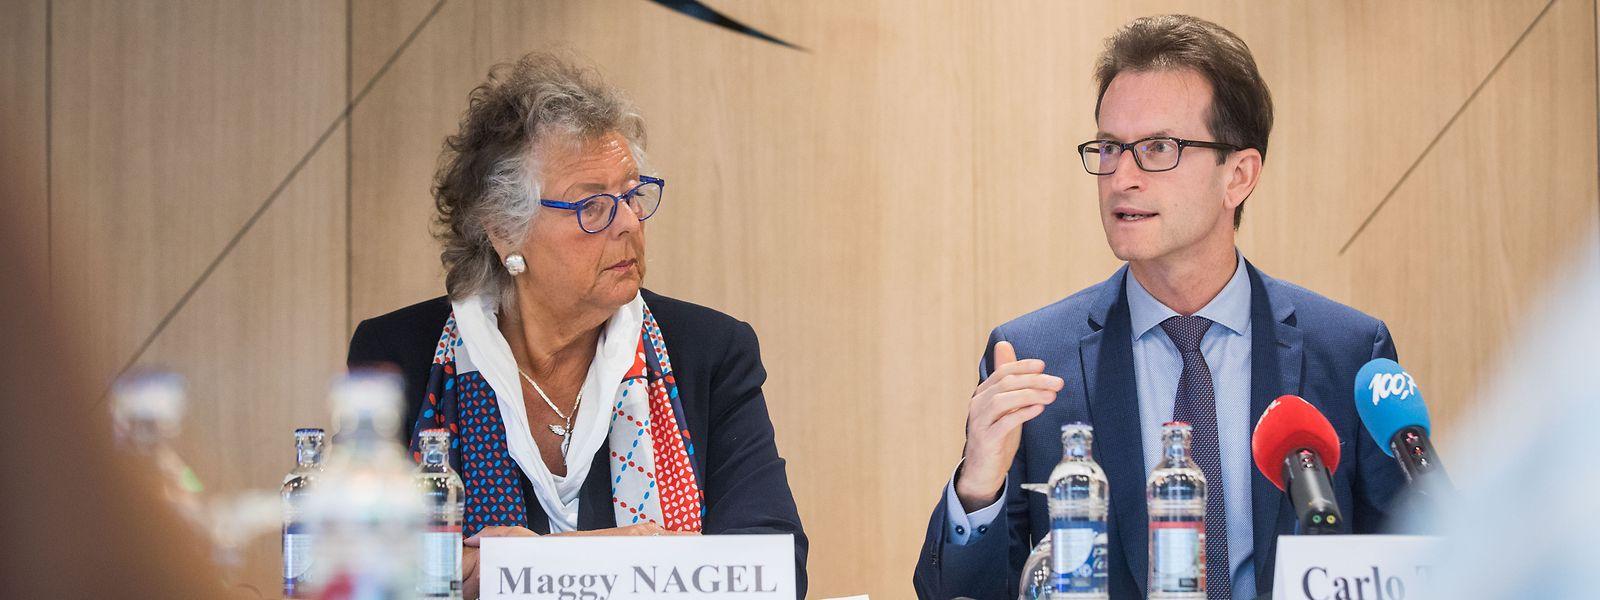 Maggy Nagel (à g.) et Carlo Thelen ont dévoilé lundi le programme économique du Luxembourg à l'Exposition universelle de Dubaï en 2020